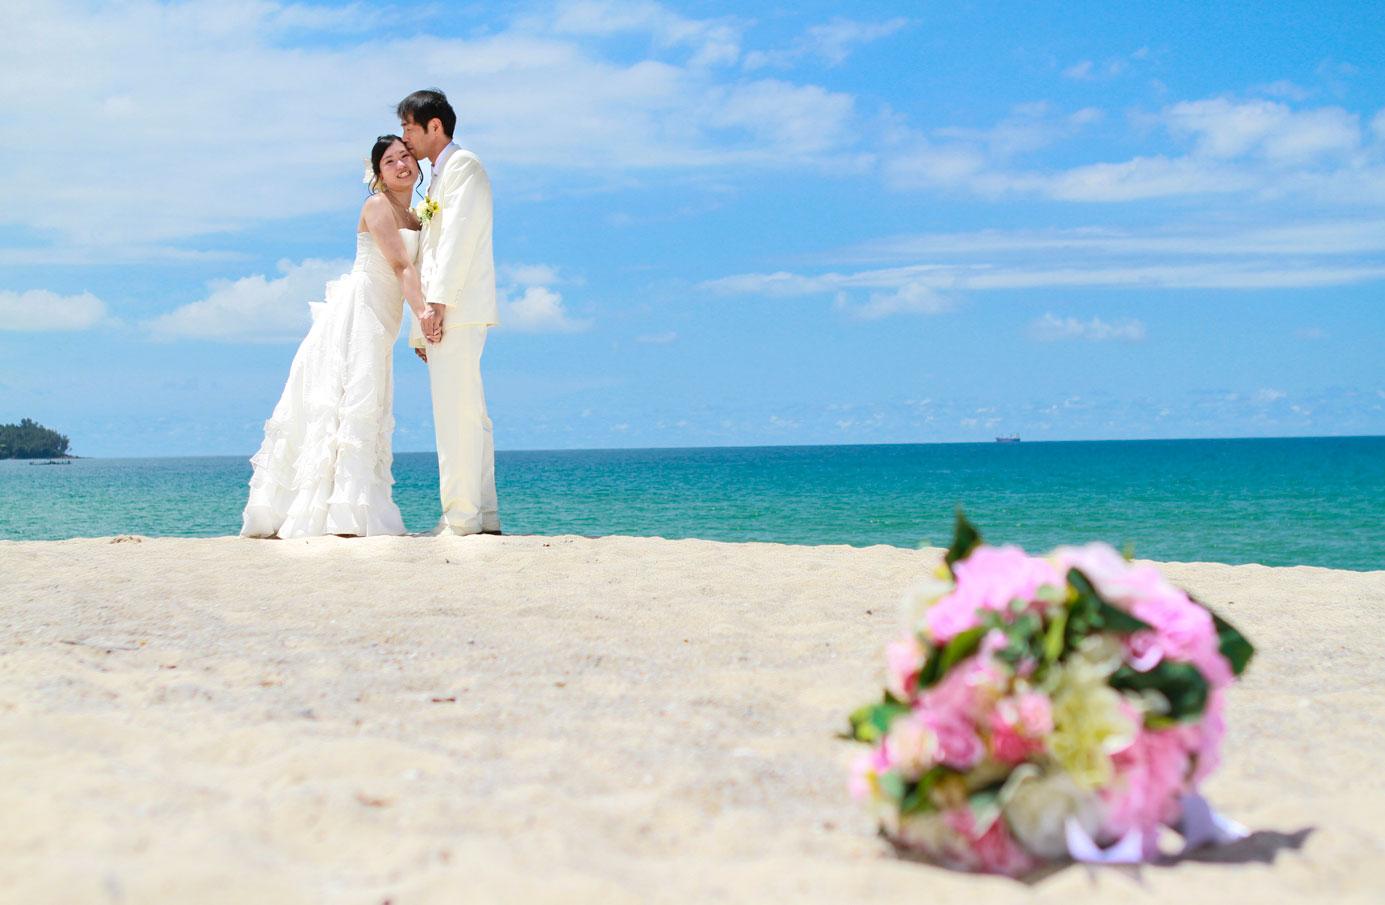 プーケット島フォトウエディング |プーケット島ビーチフォト |プーケットウエディングフォト | プーケット島前撮り|プーケットウエディングフォト|プーケット島撮影|プーケットカメラマン|Phuket Wedding Photo